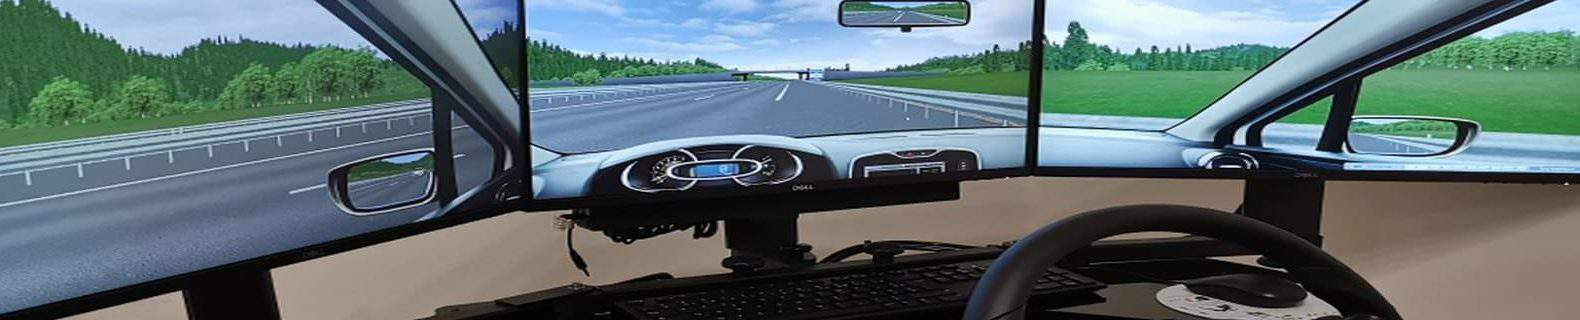 Formation Auto Simulateur